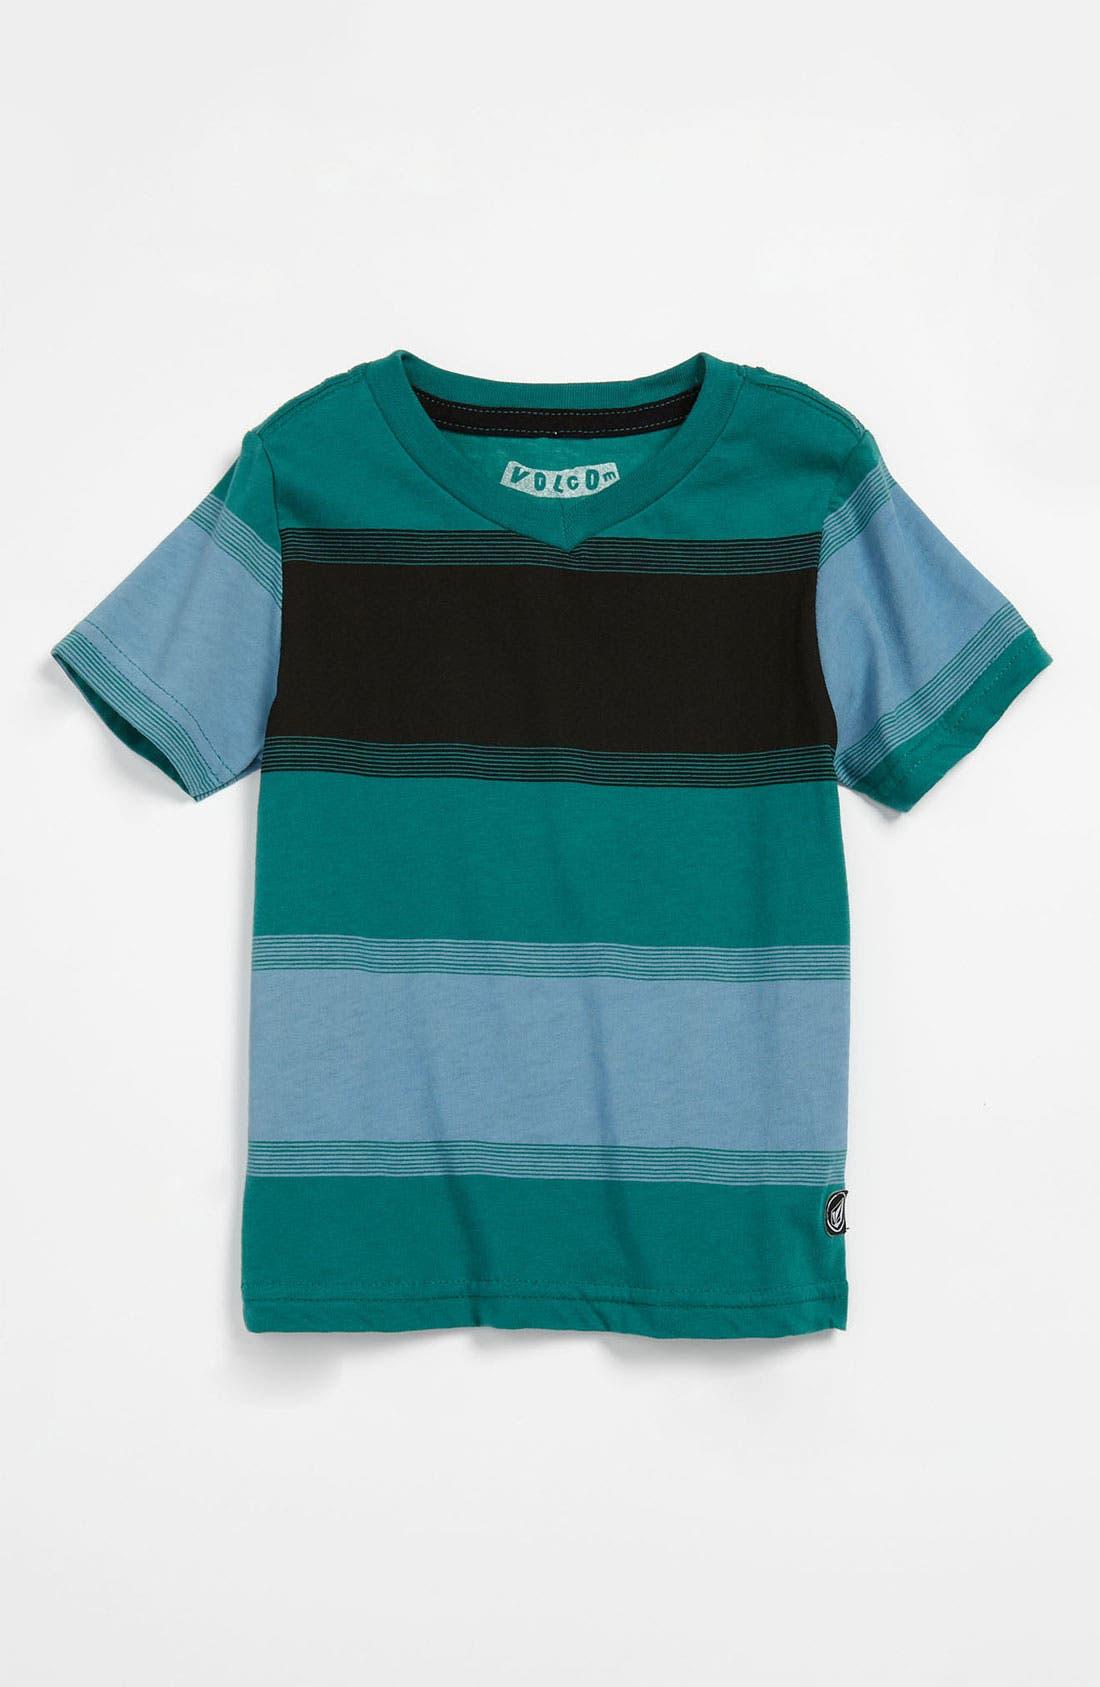 Main Image - Volcom 'Railway' T-Shirt (Toddler)